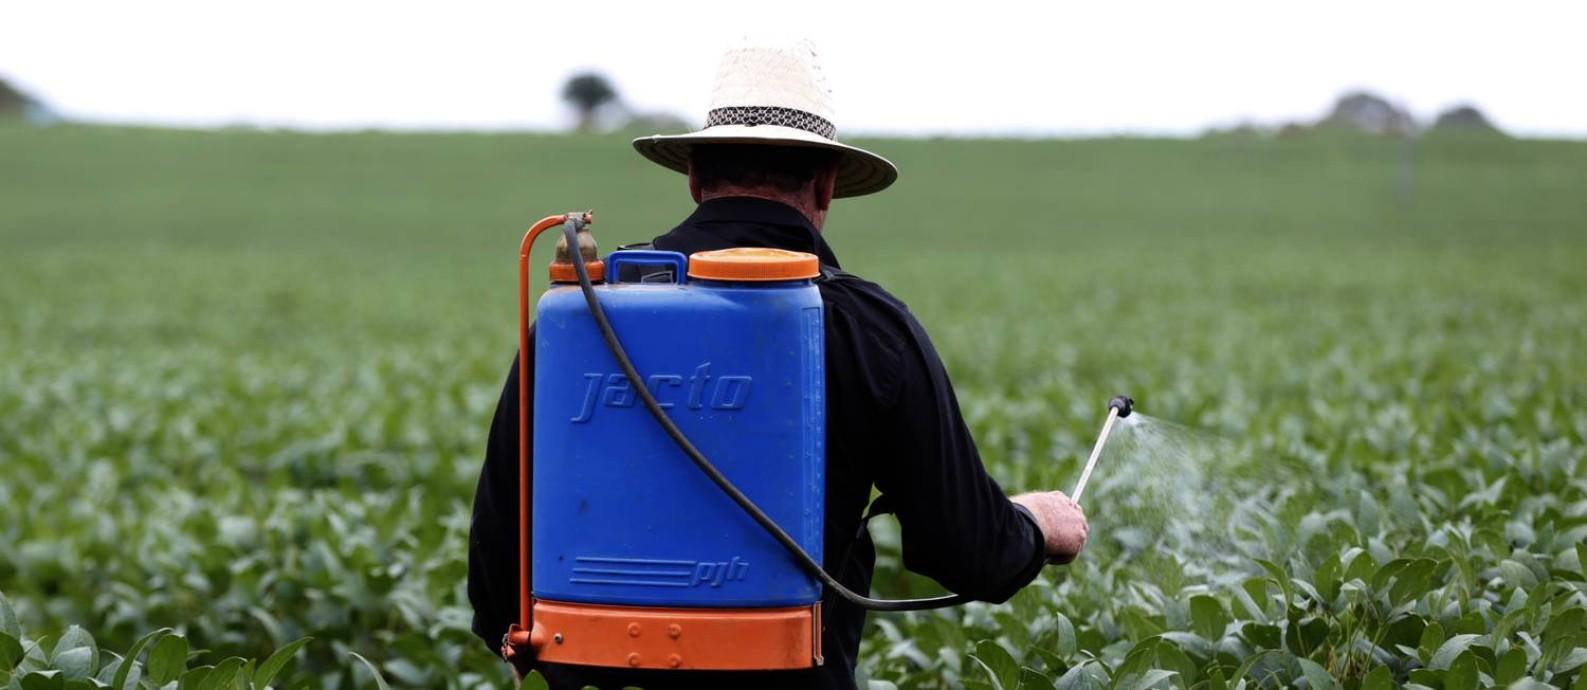 O agricultor Adilson Pagani aplica pesticida na plantação de soja sem proteção adequada Foto: Michel Filho / Agência O Globo